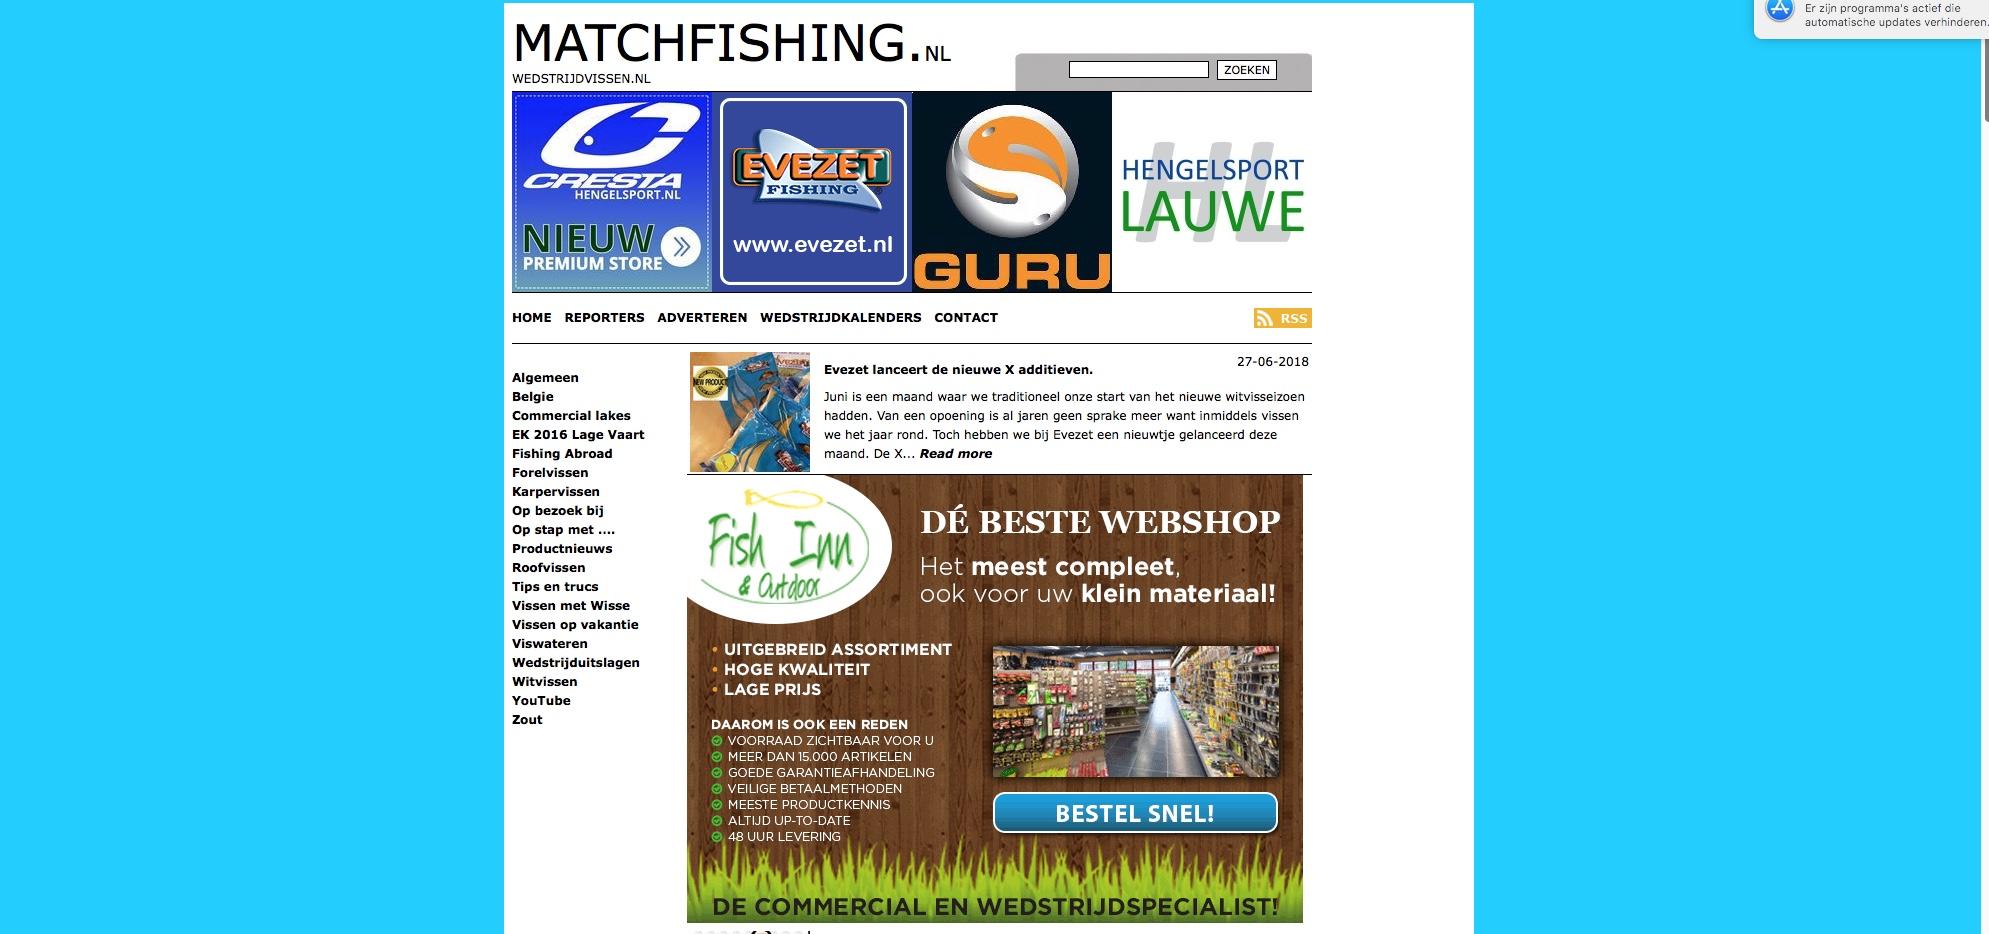 Catch meer vis dating